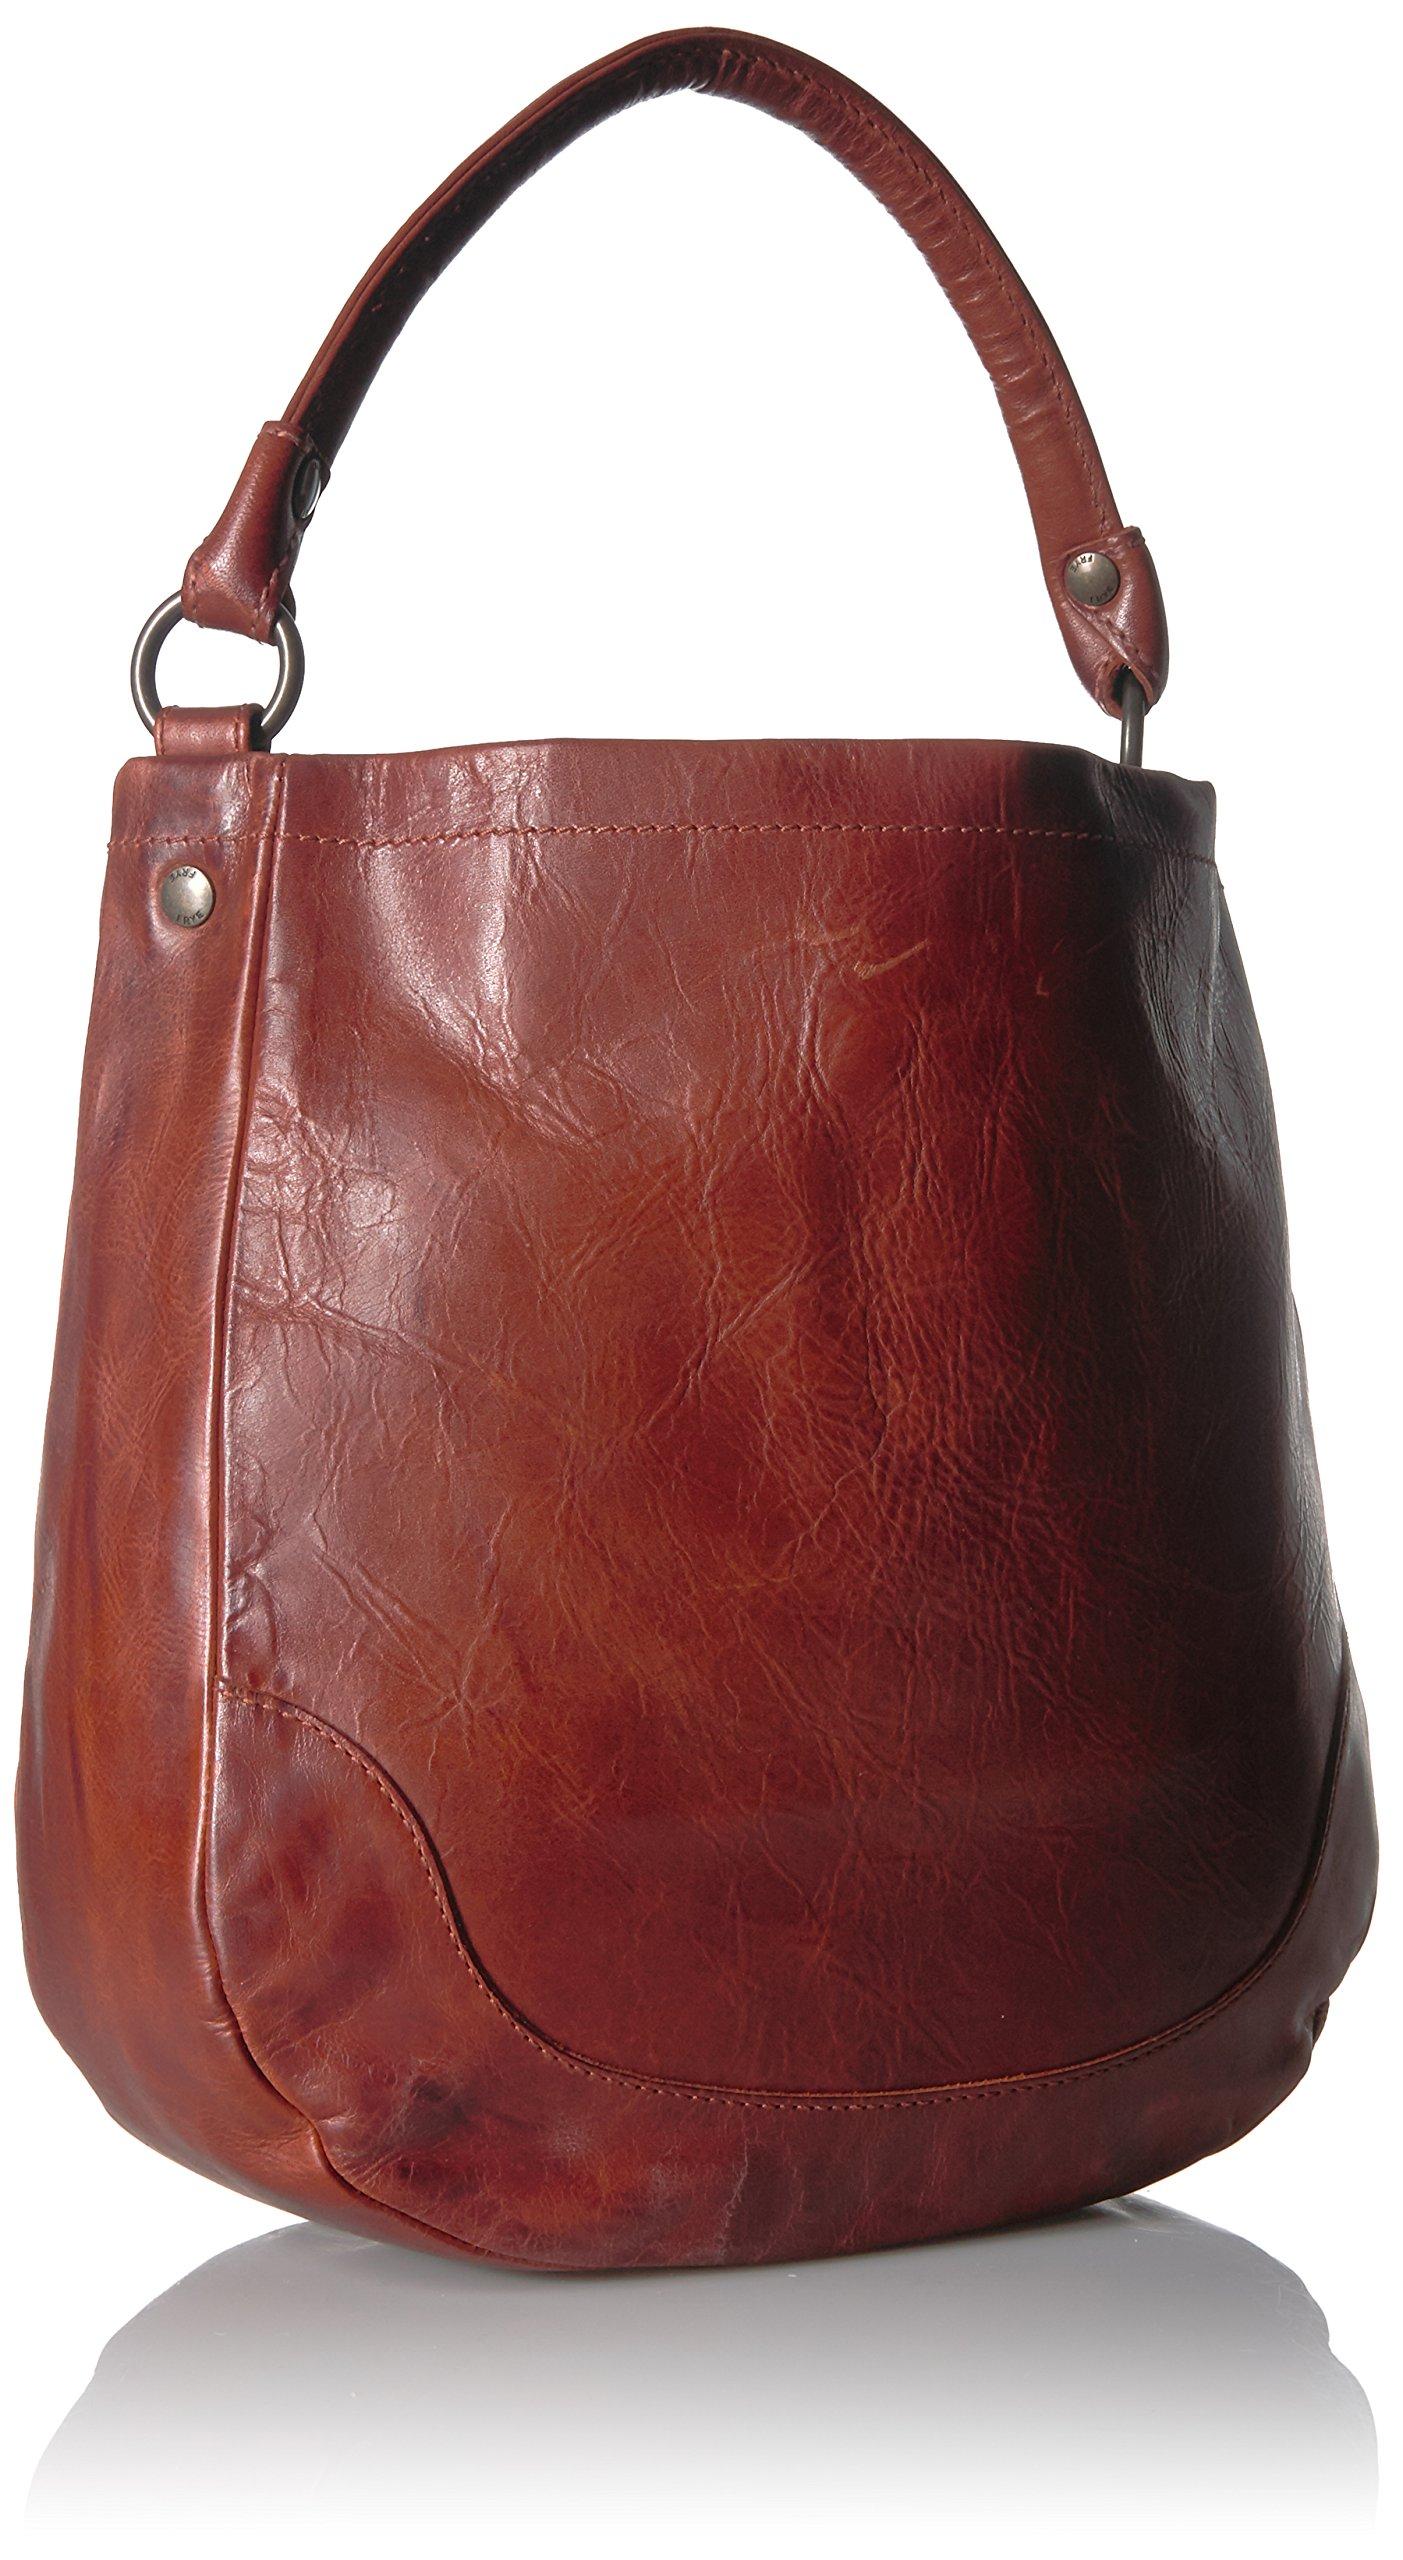 FRYE-Melissa-Hobo-Leather-Handbag